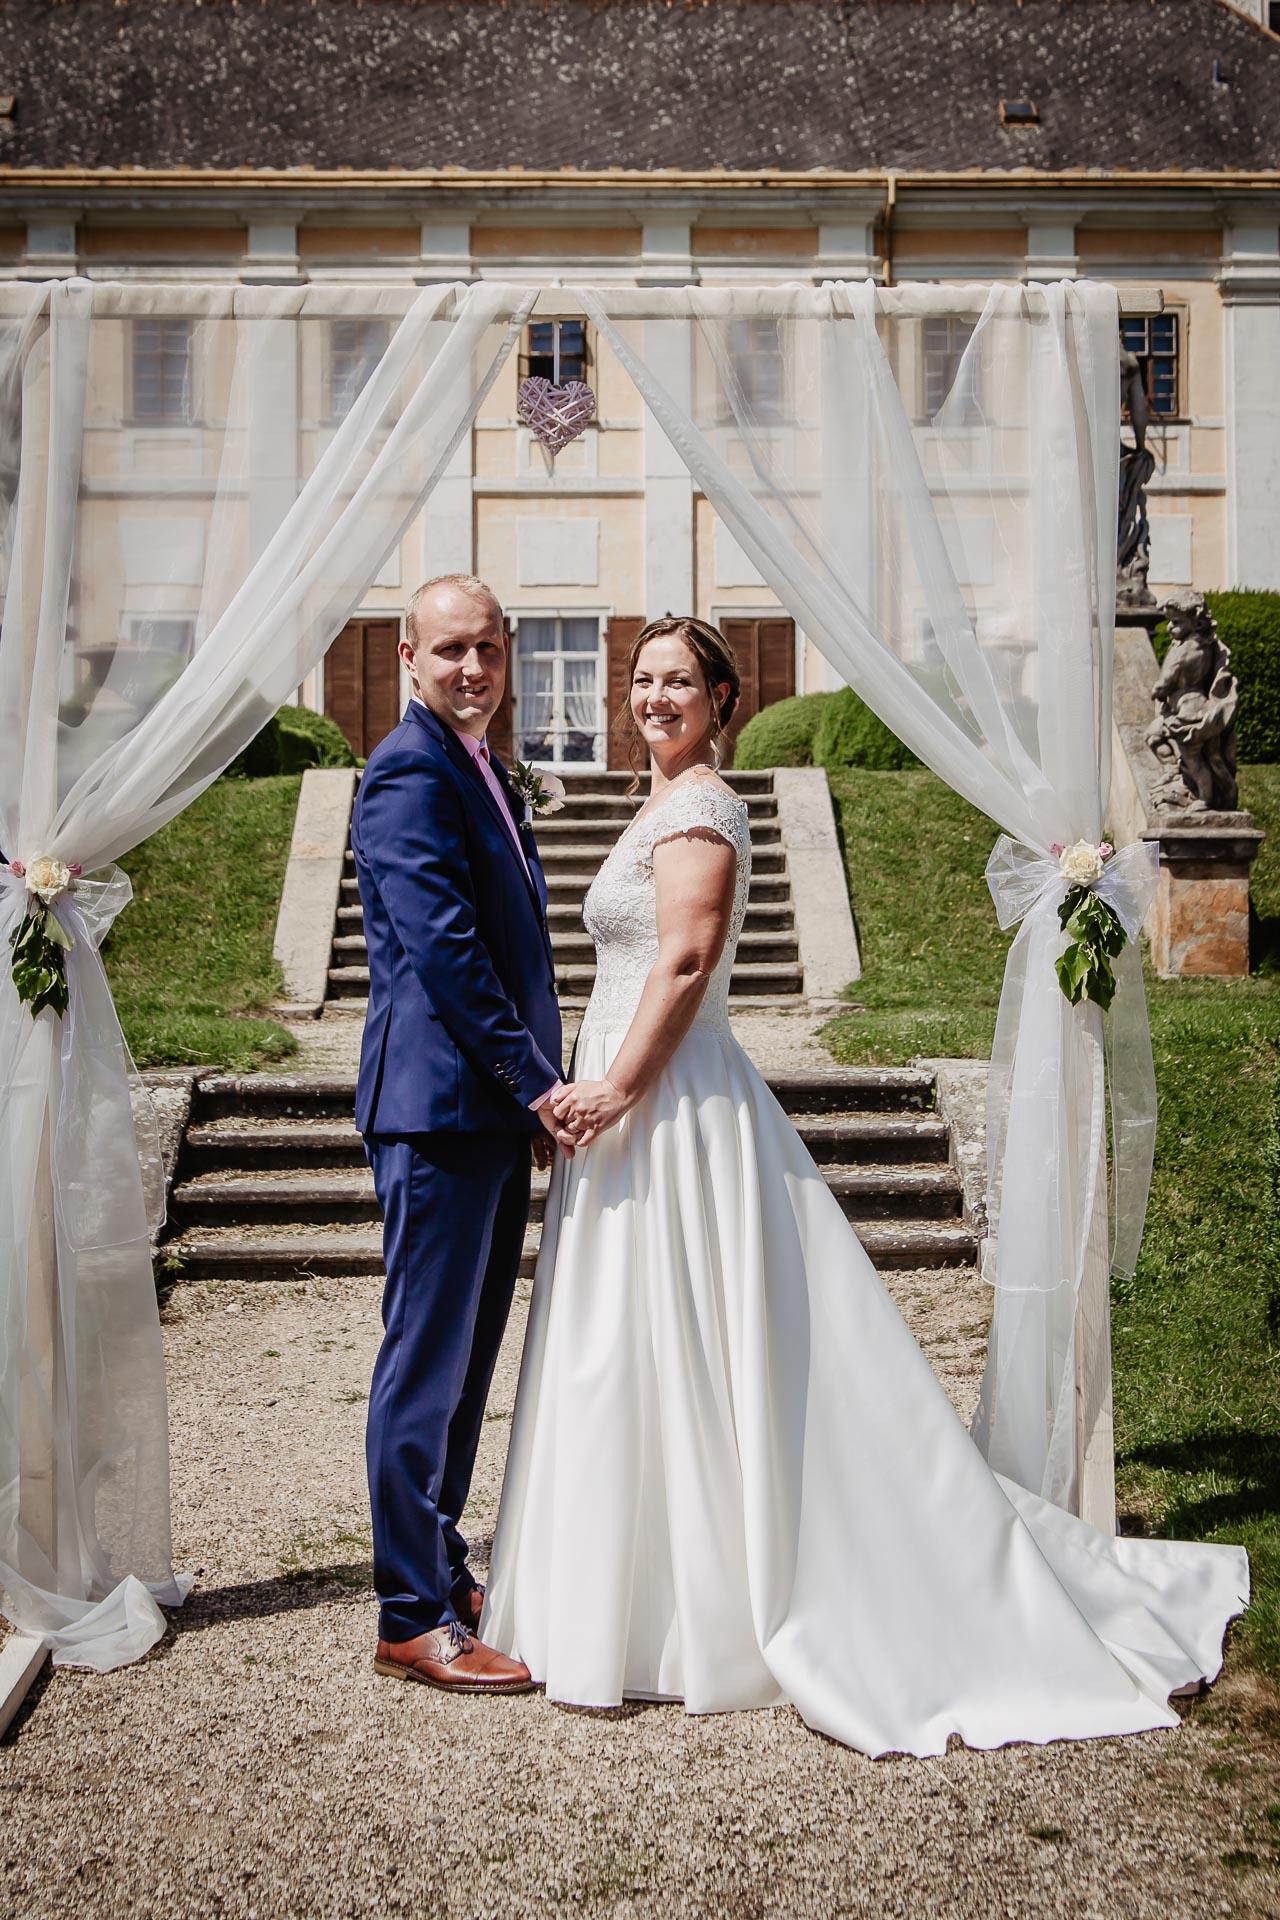 Připrava-svatebního-obřadu-Lysá-nad-Labem-9862